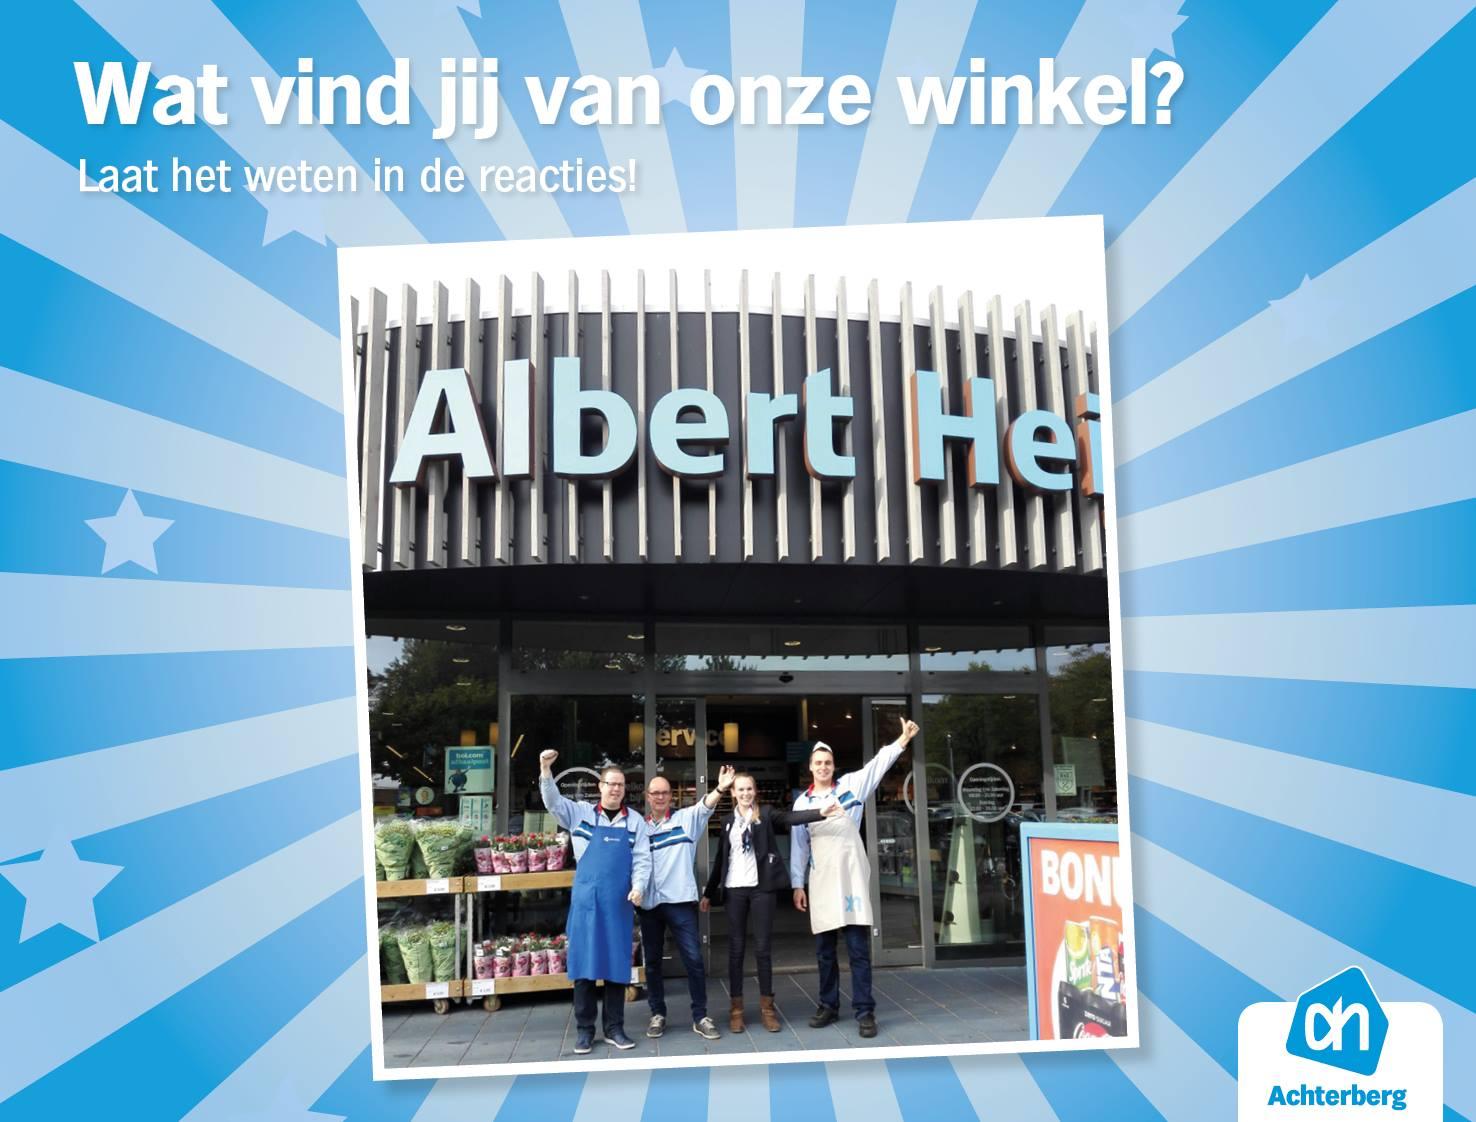 Wat vind jij van onze winkel?